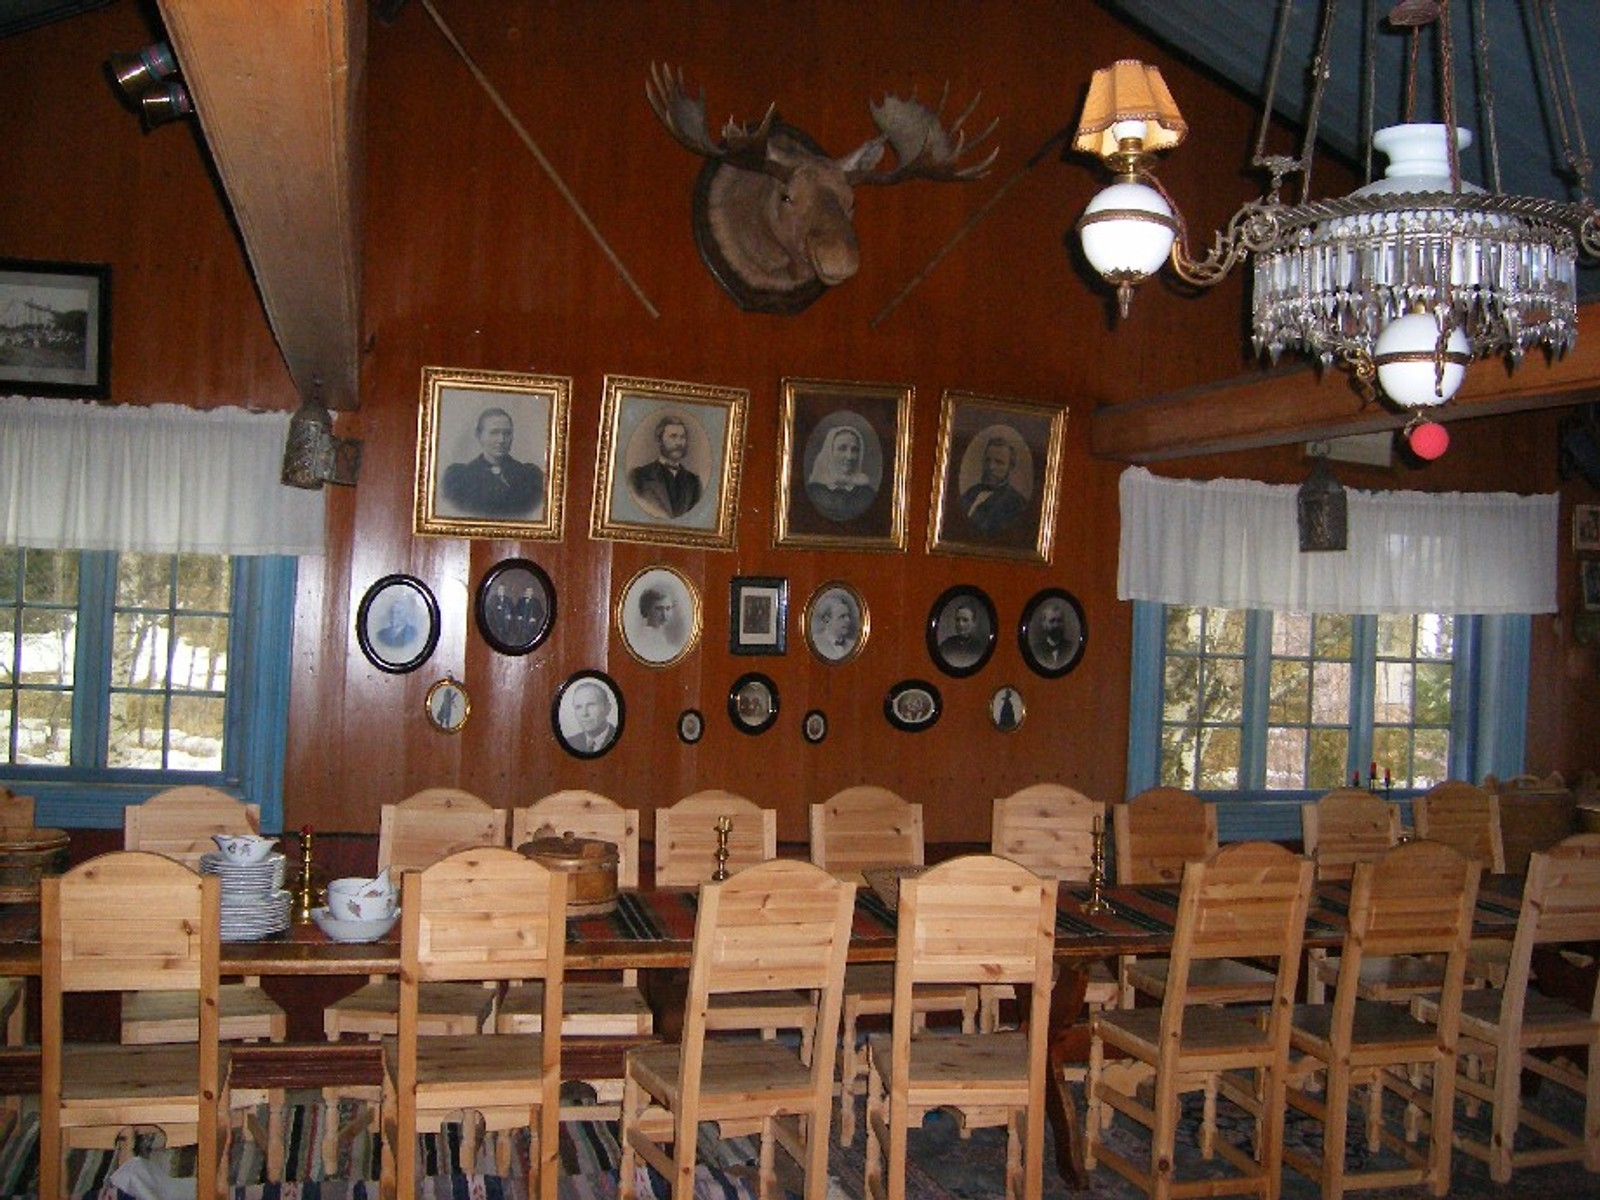 I gammelstua var to langbord satt sammen, slik at det var plass til i alt 24 stoler, og ble brukt til store anledninger som bryllup og konfirmasjoner. Elghodet stammer fra jakta i 1908, og til venstre henger et bjørnespyd.